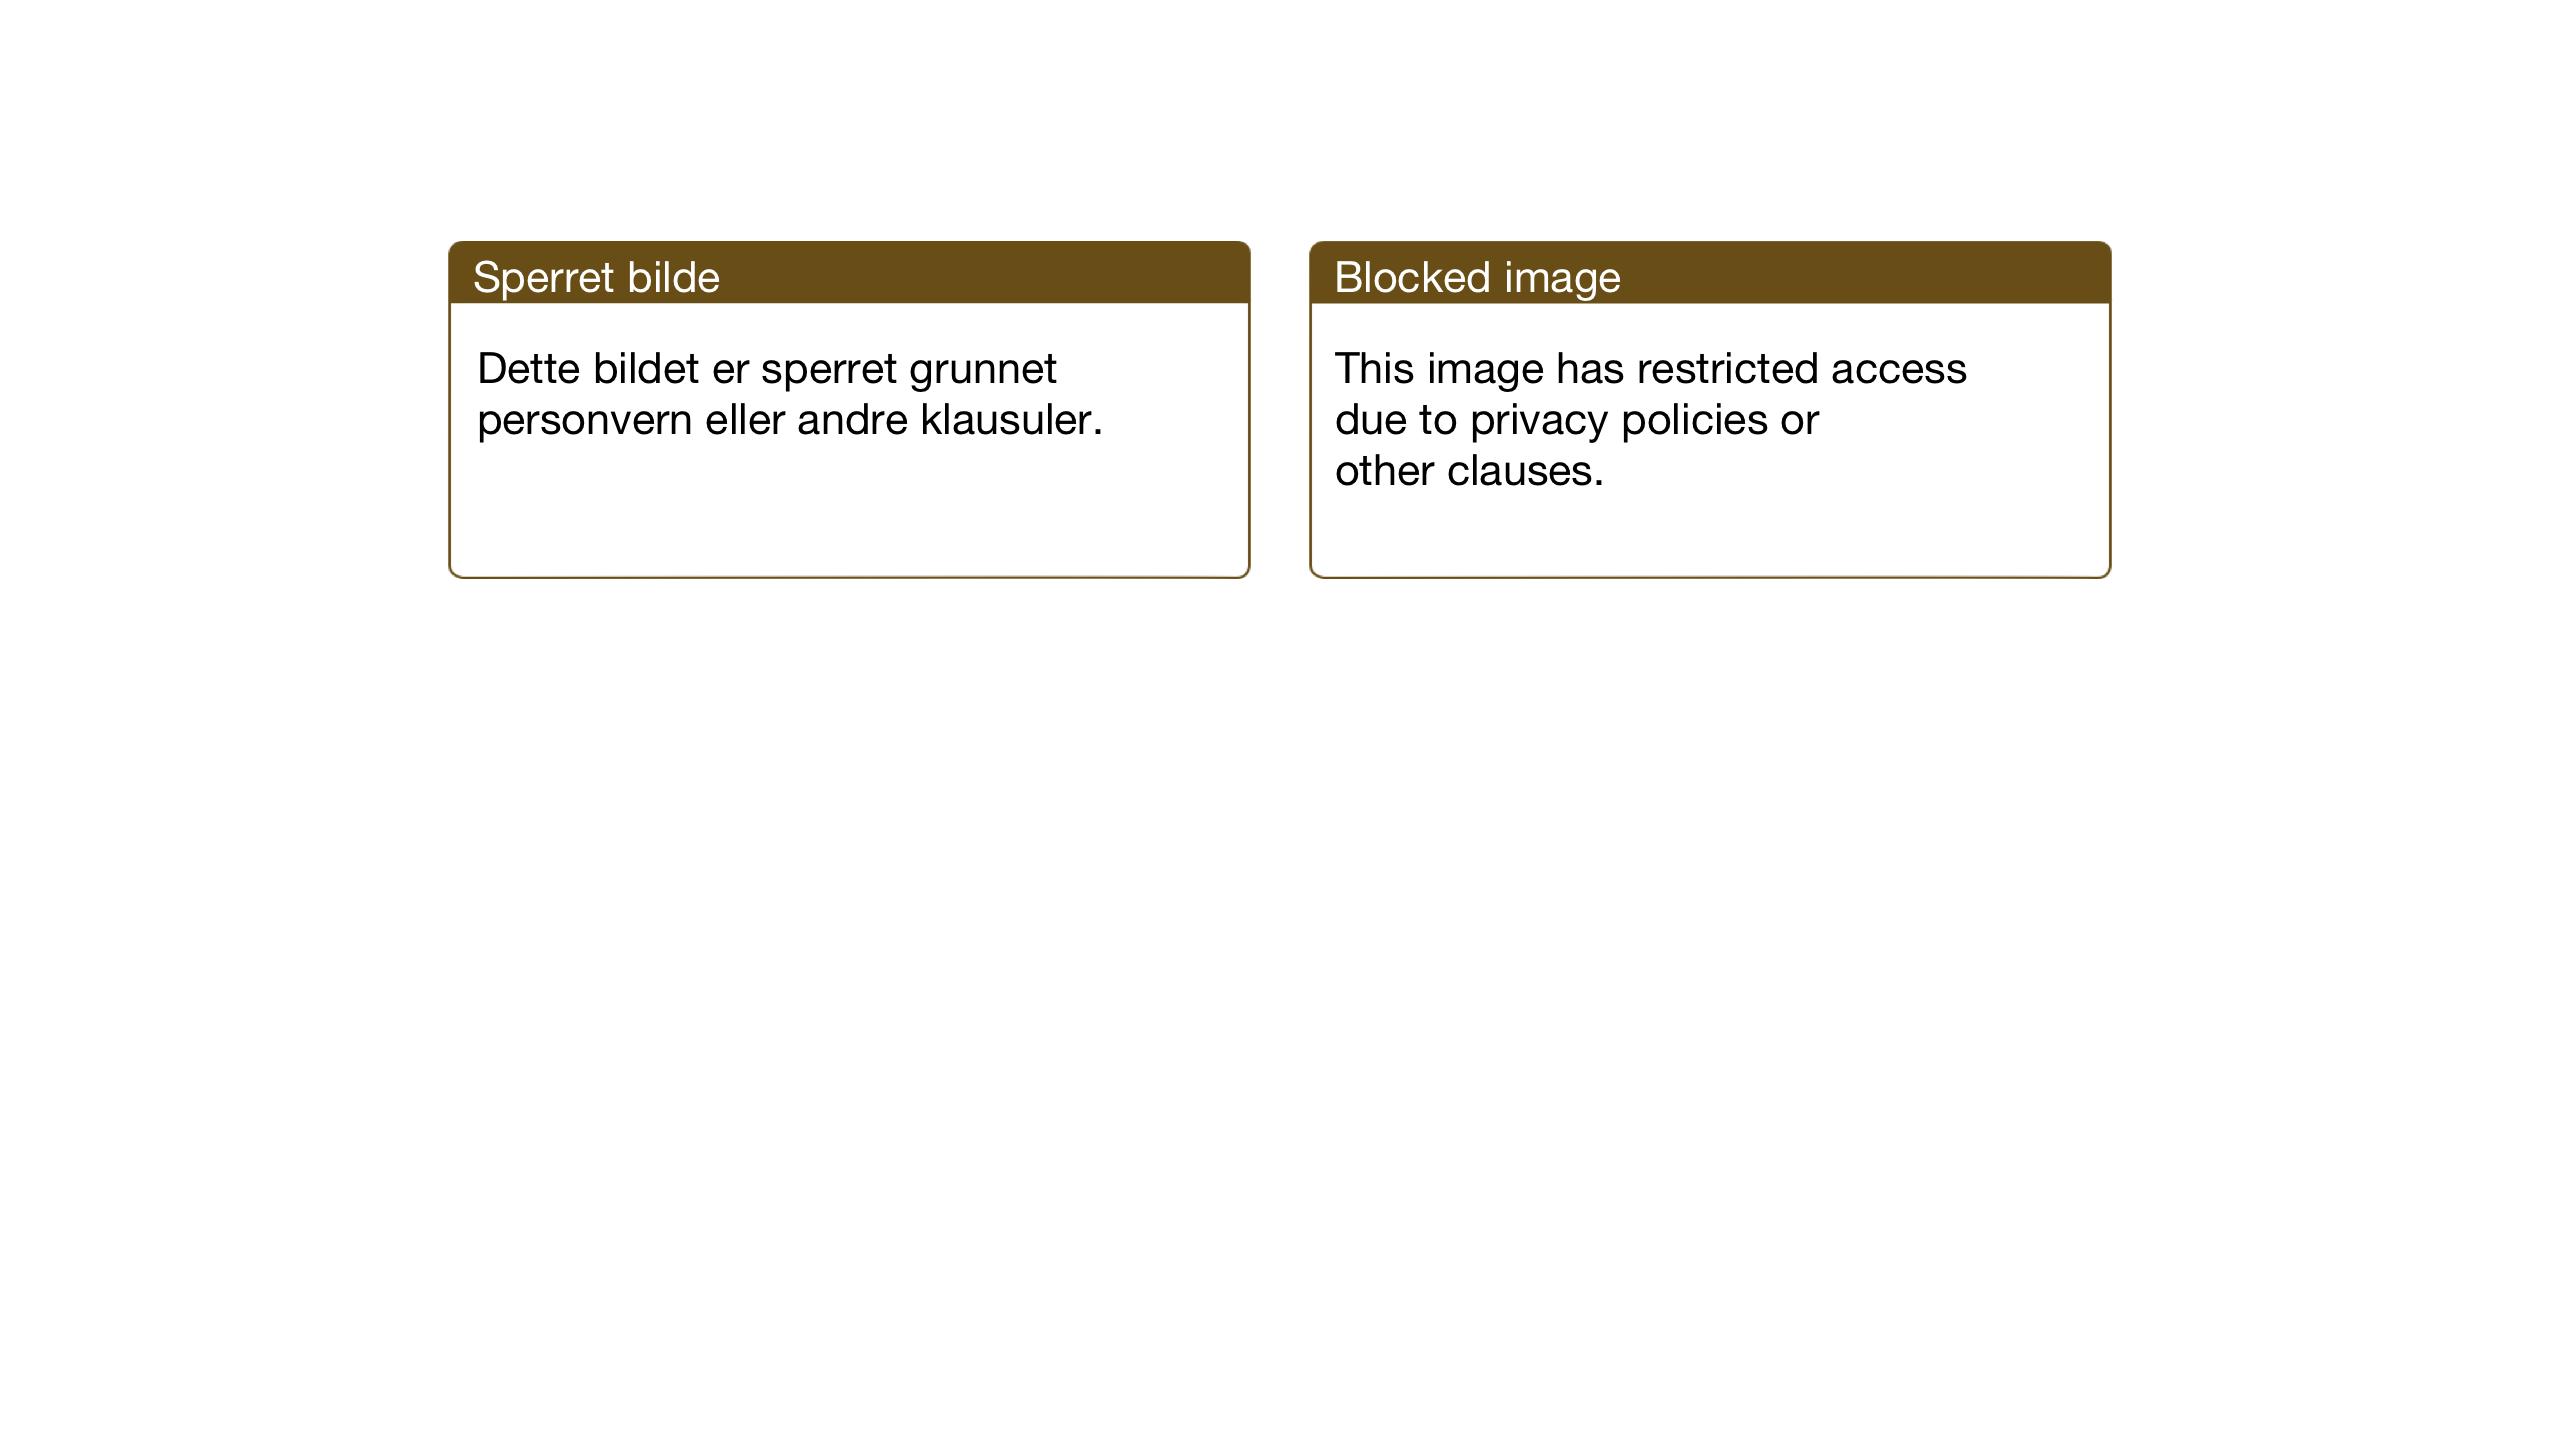 SAT, Ministerialprotokoller, klokkerbøker og fødselsregistre - Sør-Trøndelag, 617/L0432: Klokkerbok nr. 617C03, 1936-1942, s. 13